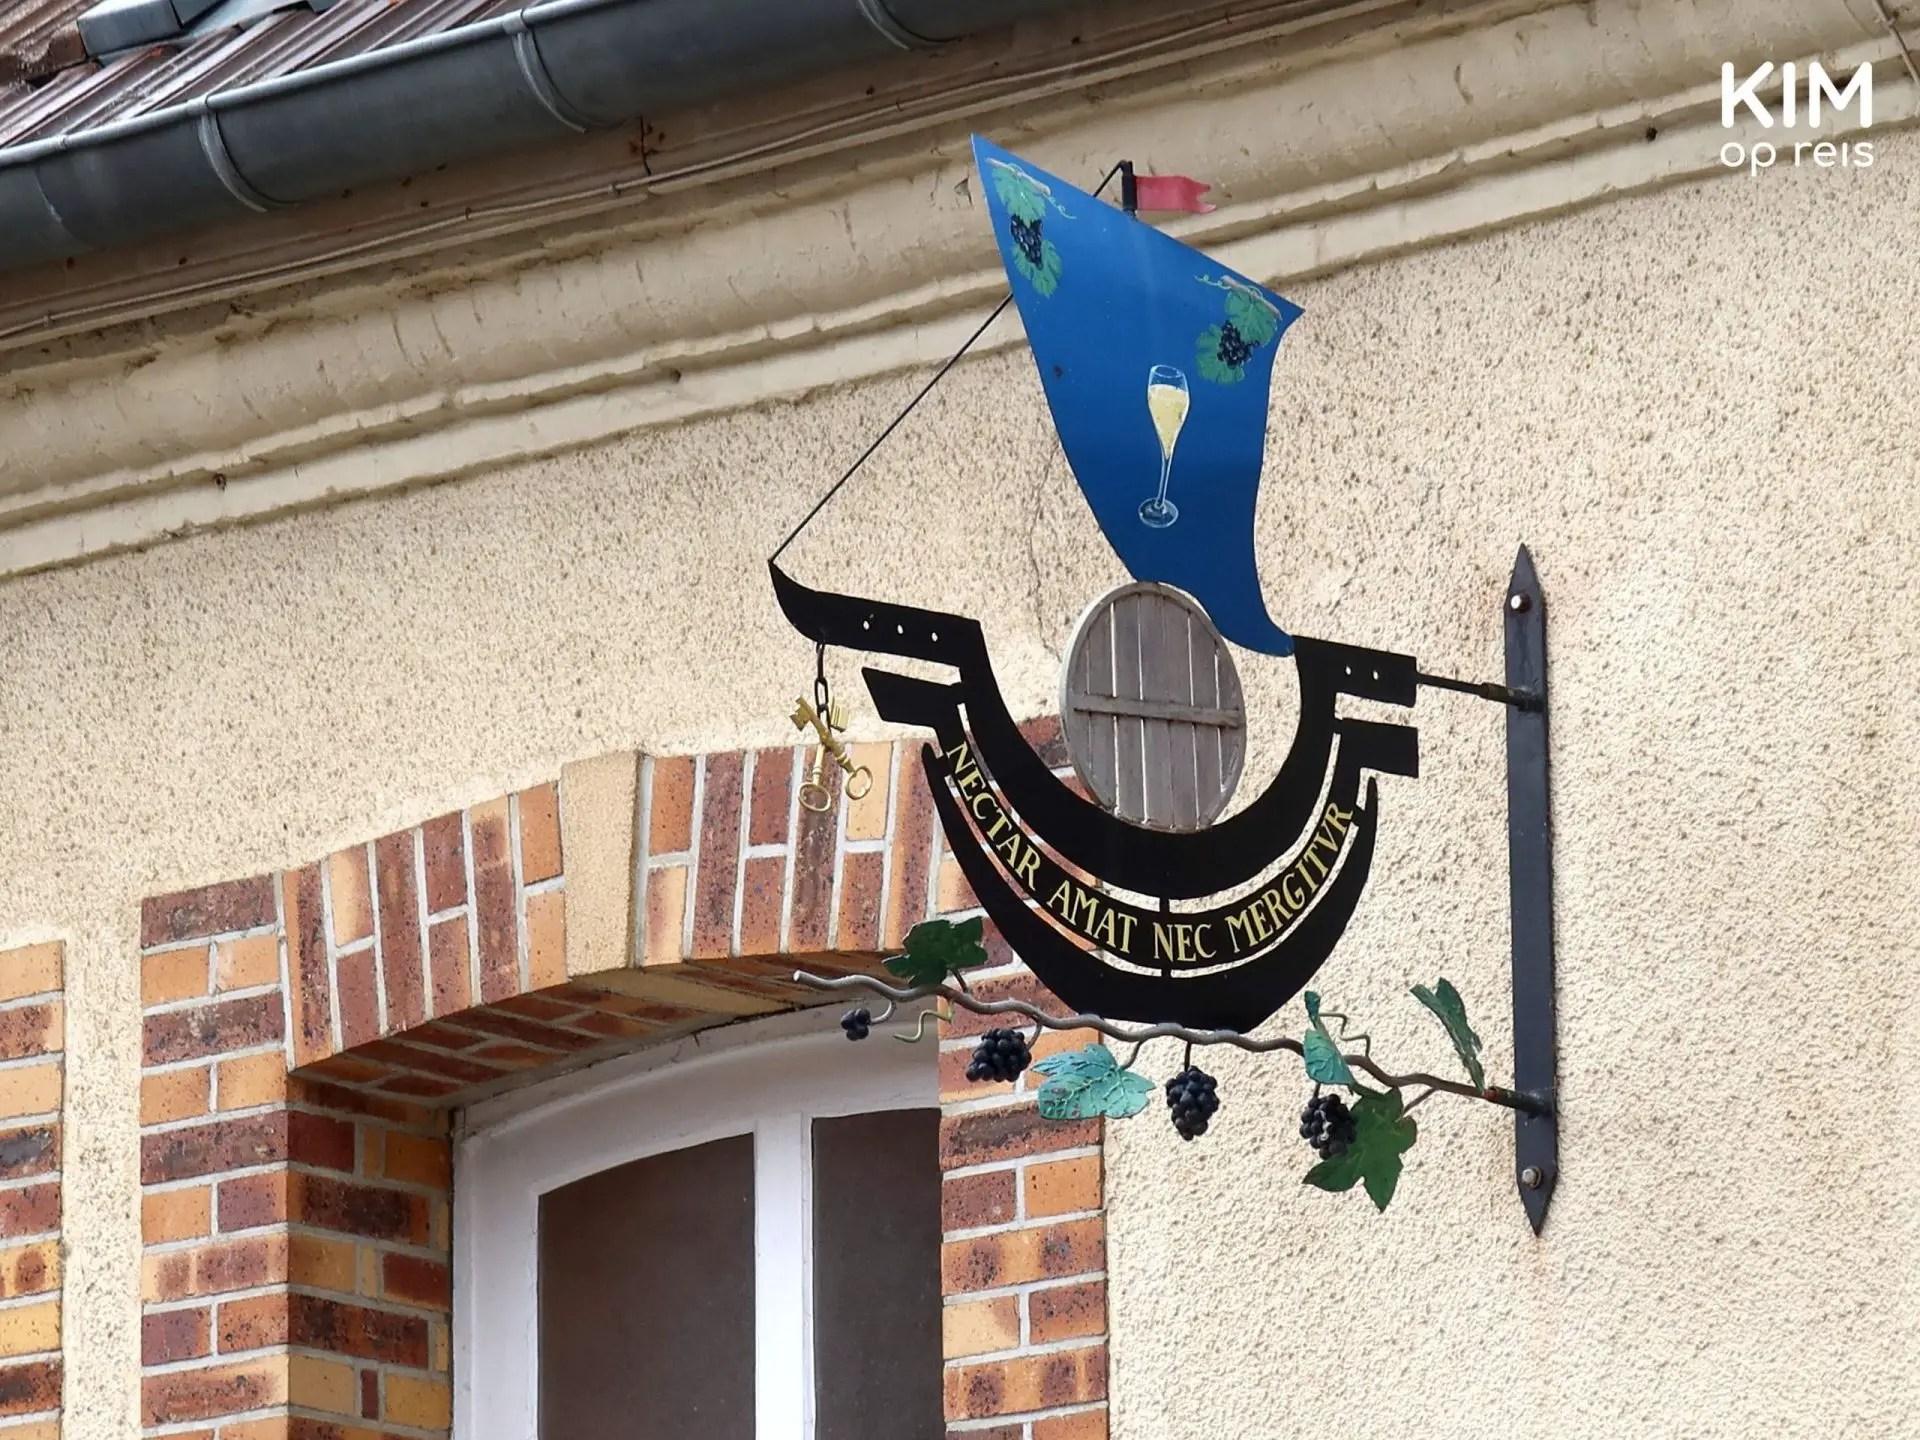 Hautvillers uithangbord: bordje met de deksel van een wijnvat en daarboven een blauwe vlag met een glas champagne